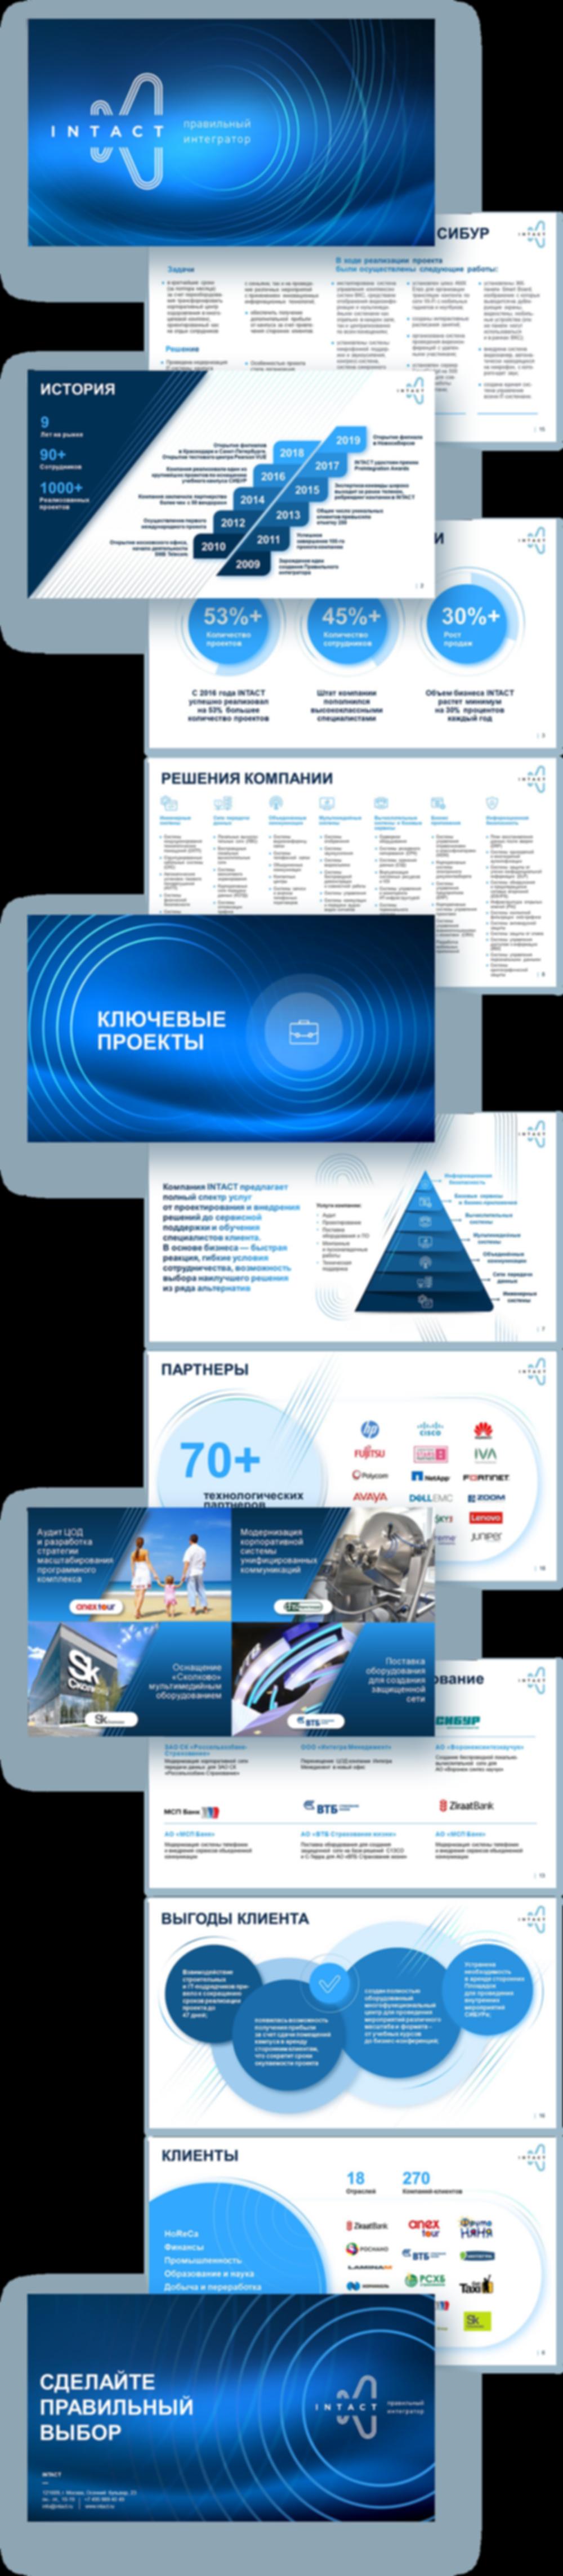 Презентация, инфографика, Дизайн сайта, фирменный стиль